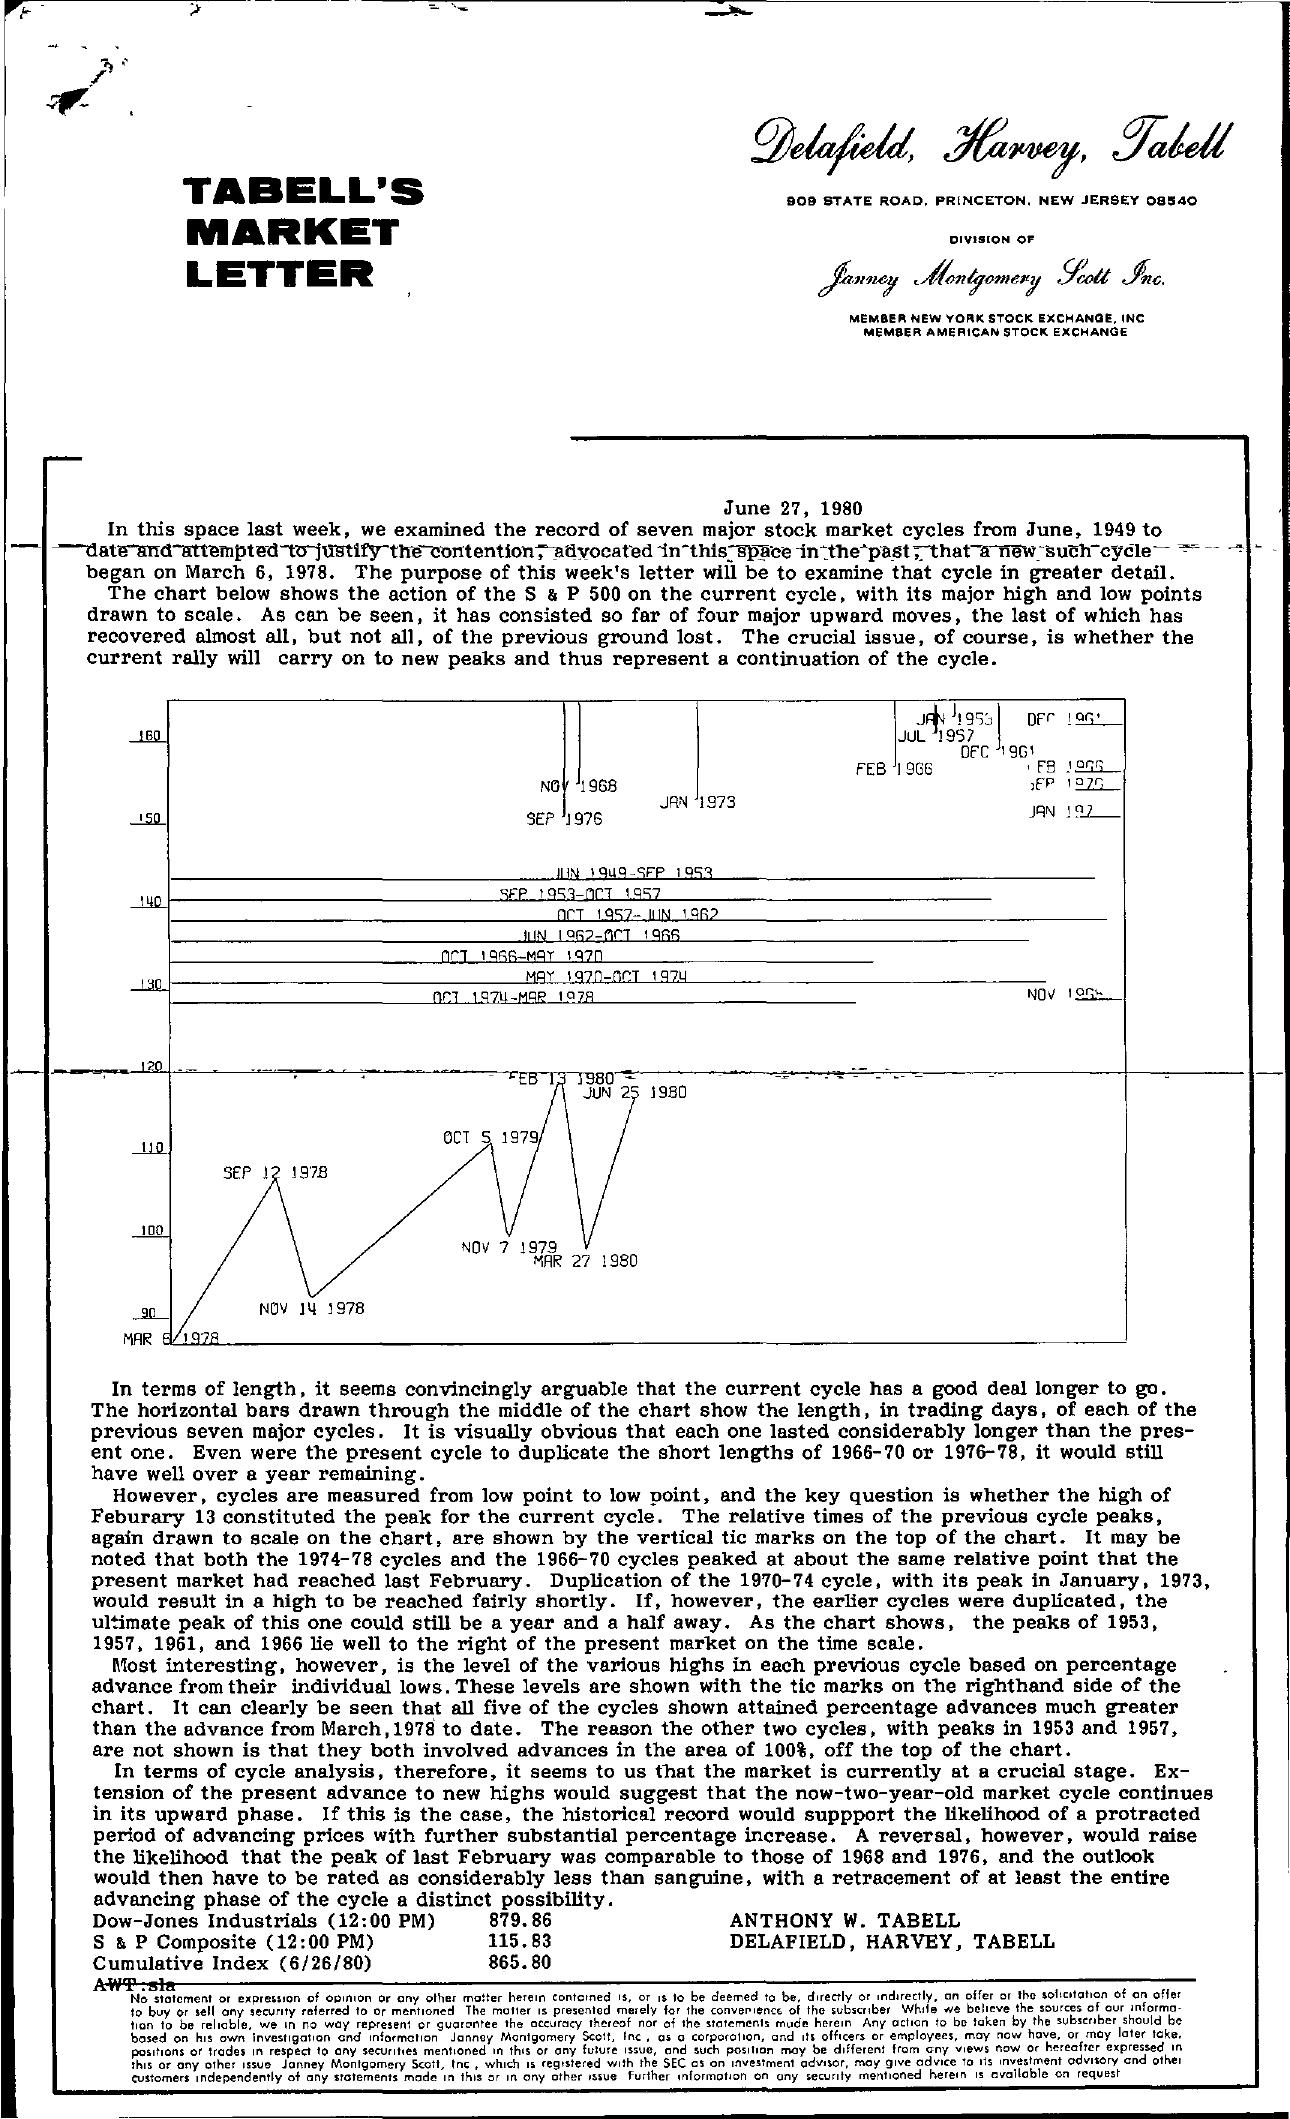 Tabell's Market Letter - June 27, 1980